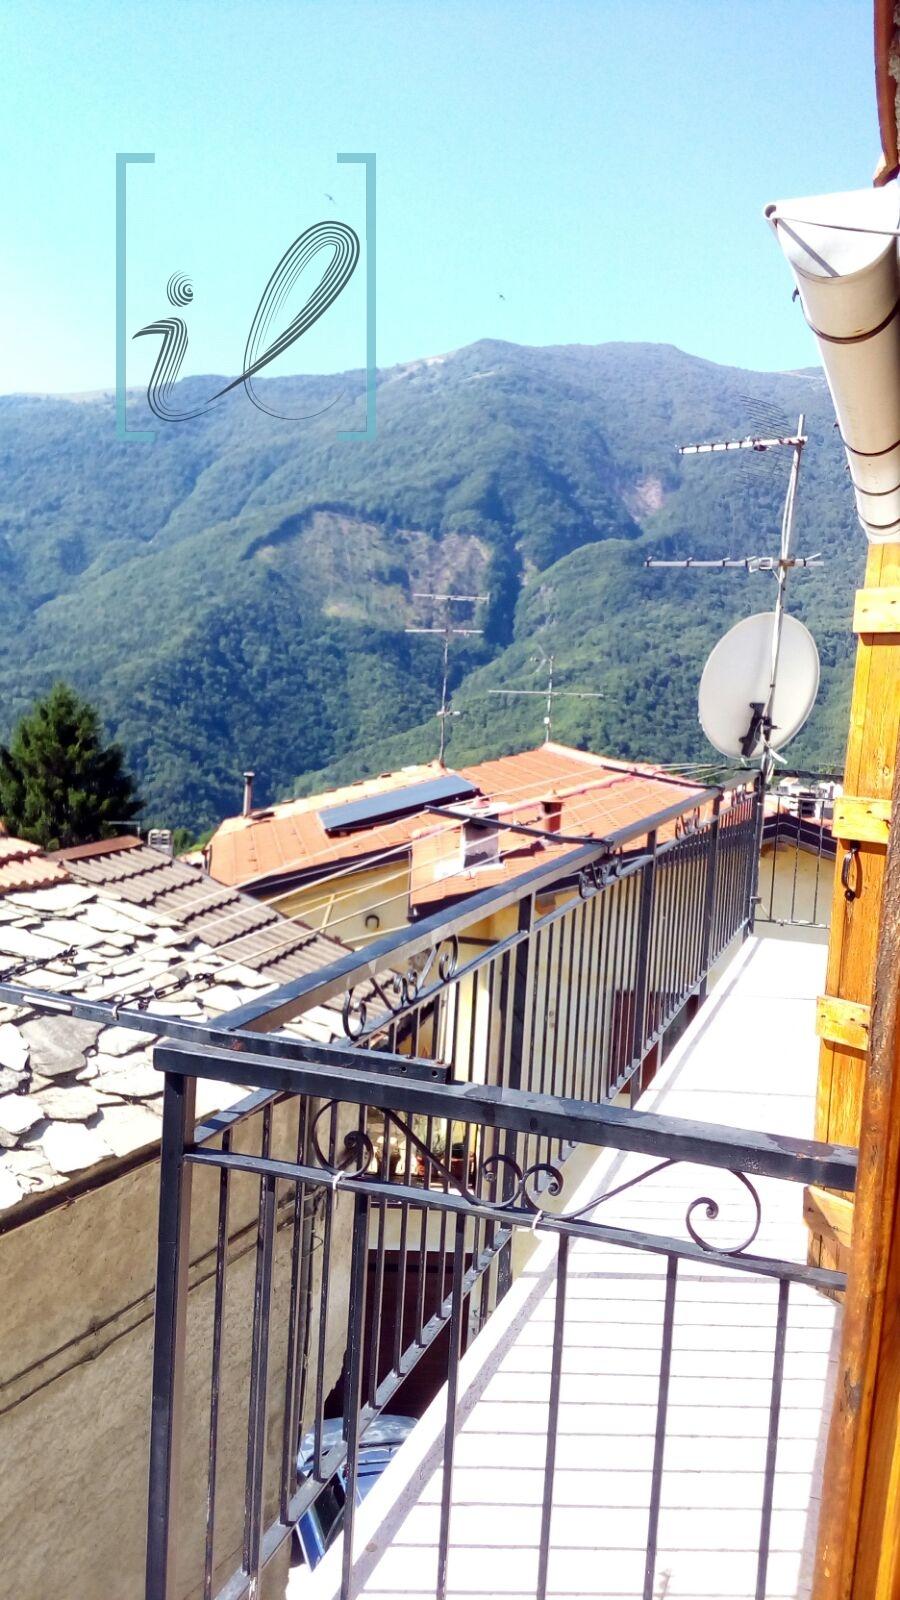 Appartamento in vendita a Cosio di Arroscia, 2 locali, prezzo € 37.000 | CambioCasa.it